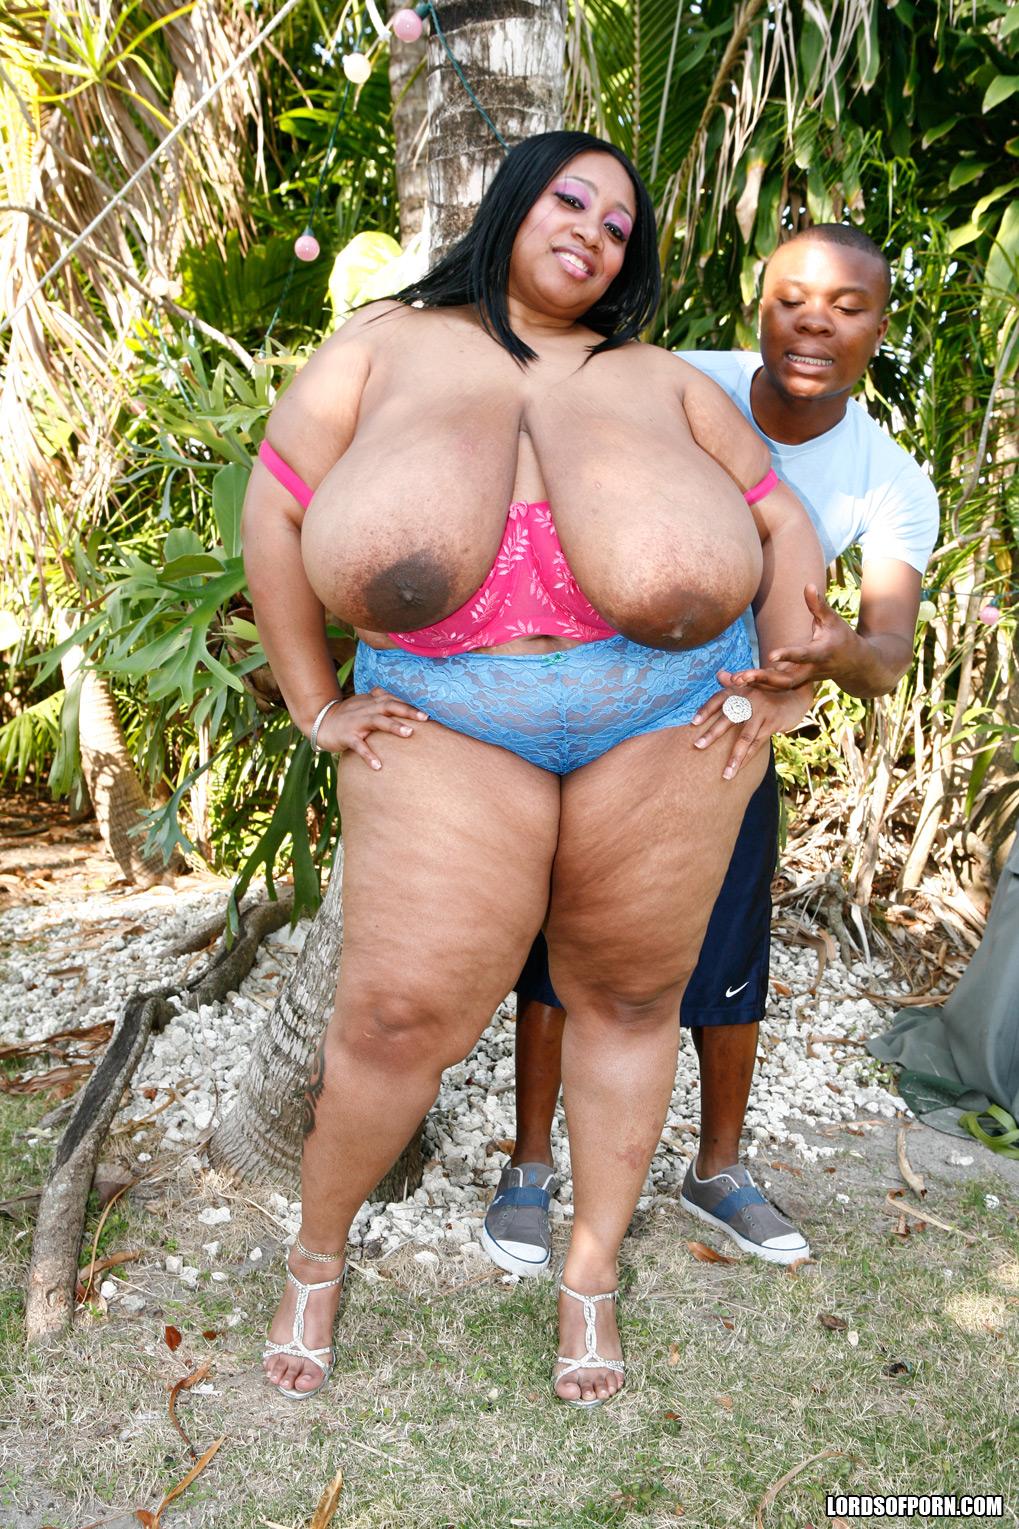 Chelsie farah playboy nude